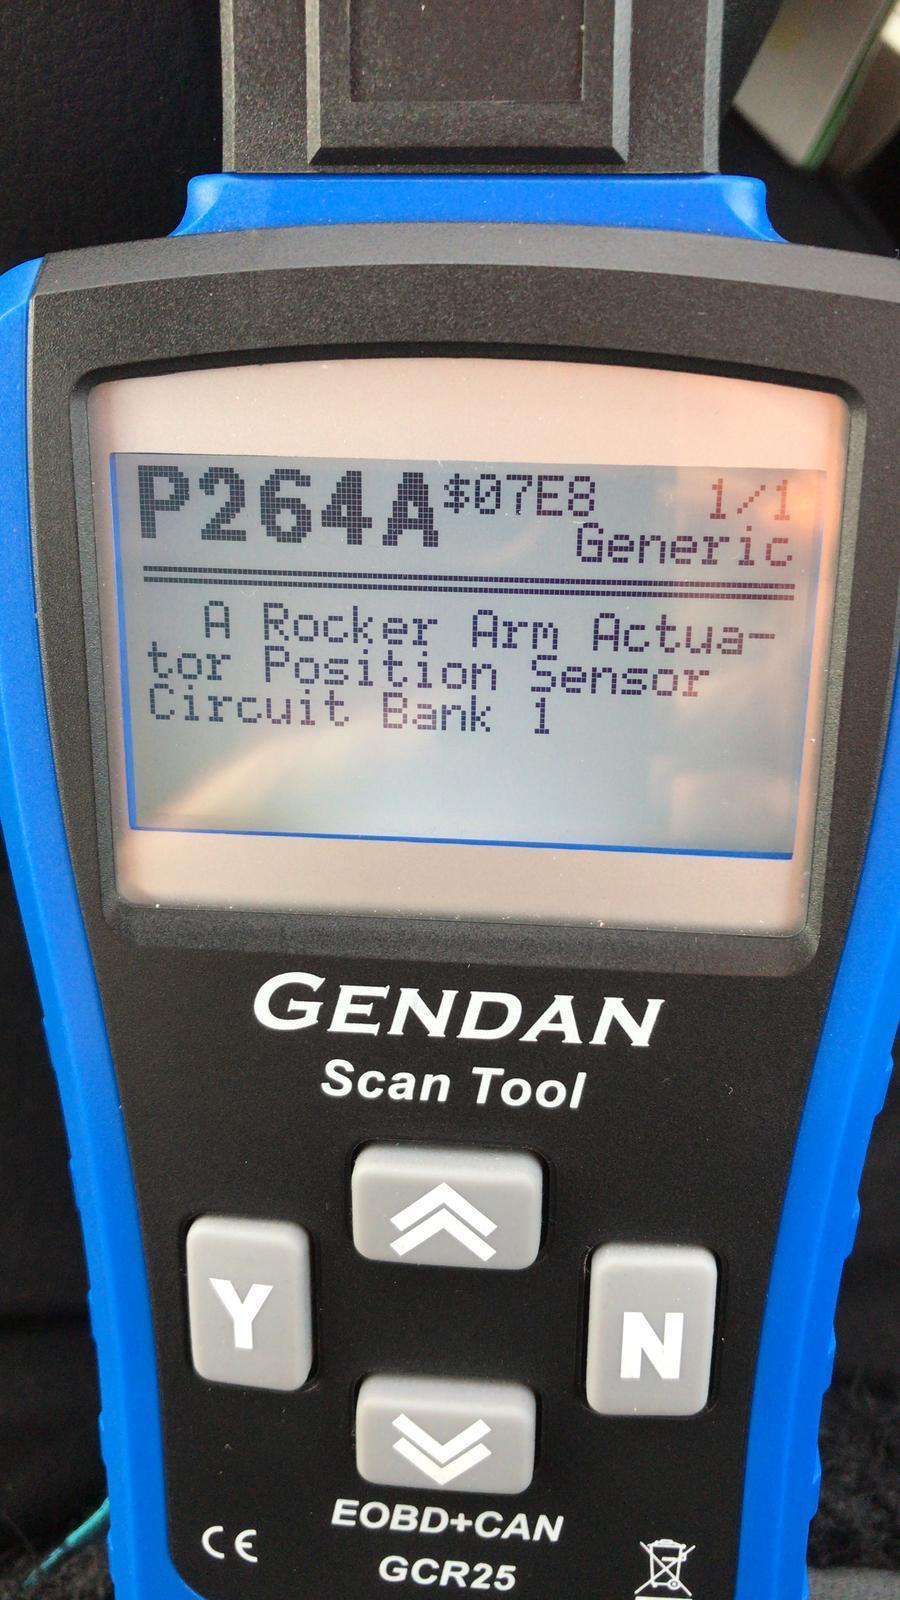 code P264A - 'A' Rocker Arm Actuator Position Sensor Circuit